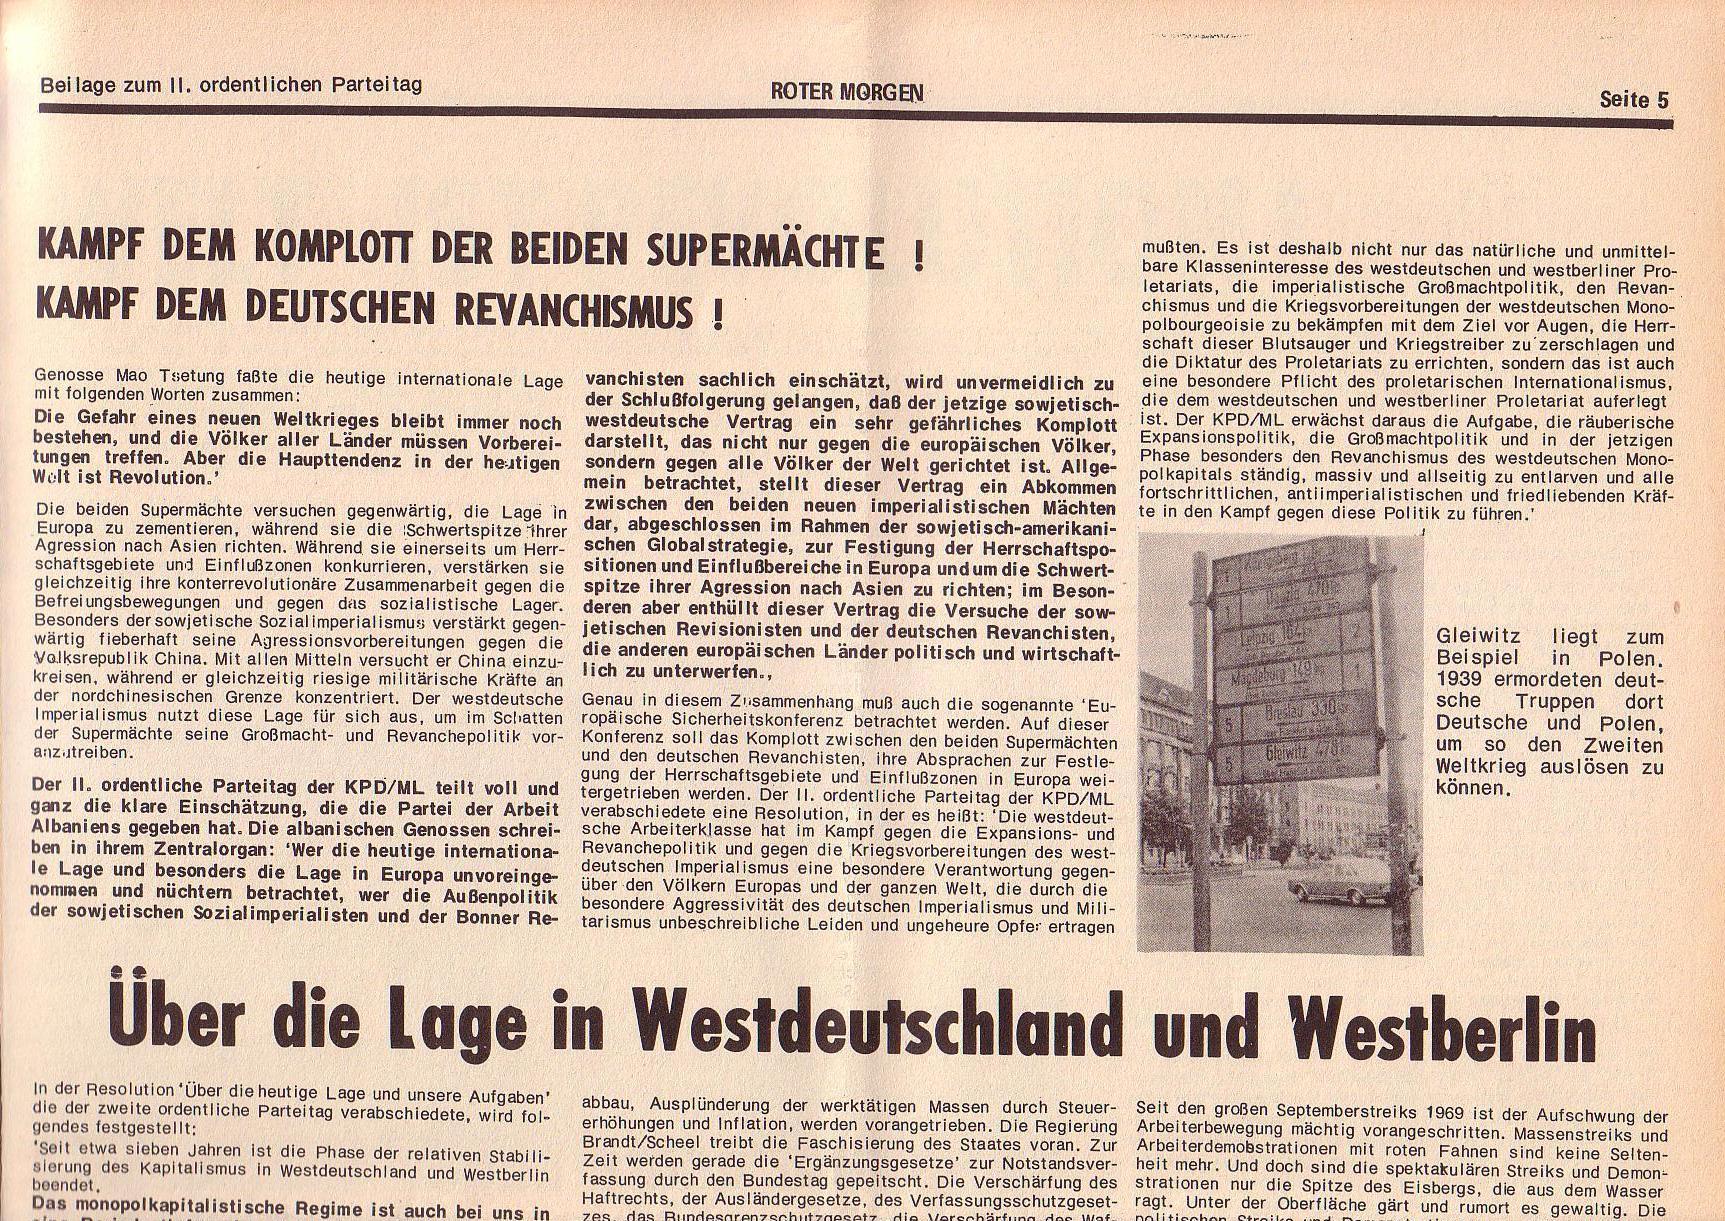 Roter Morgen, 6. Jg., Juli 1972, Sonderbeilage zum II. ordentlichen Parteitag, Seite 5a